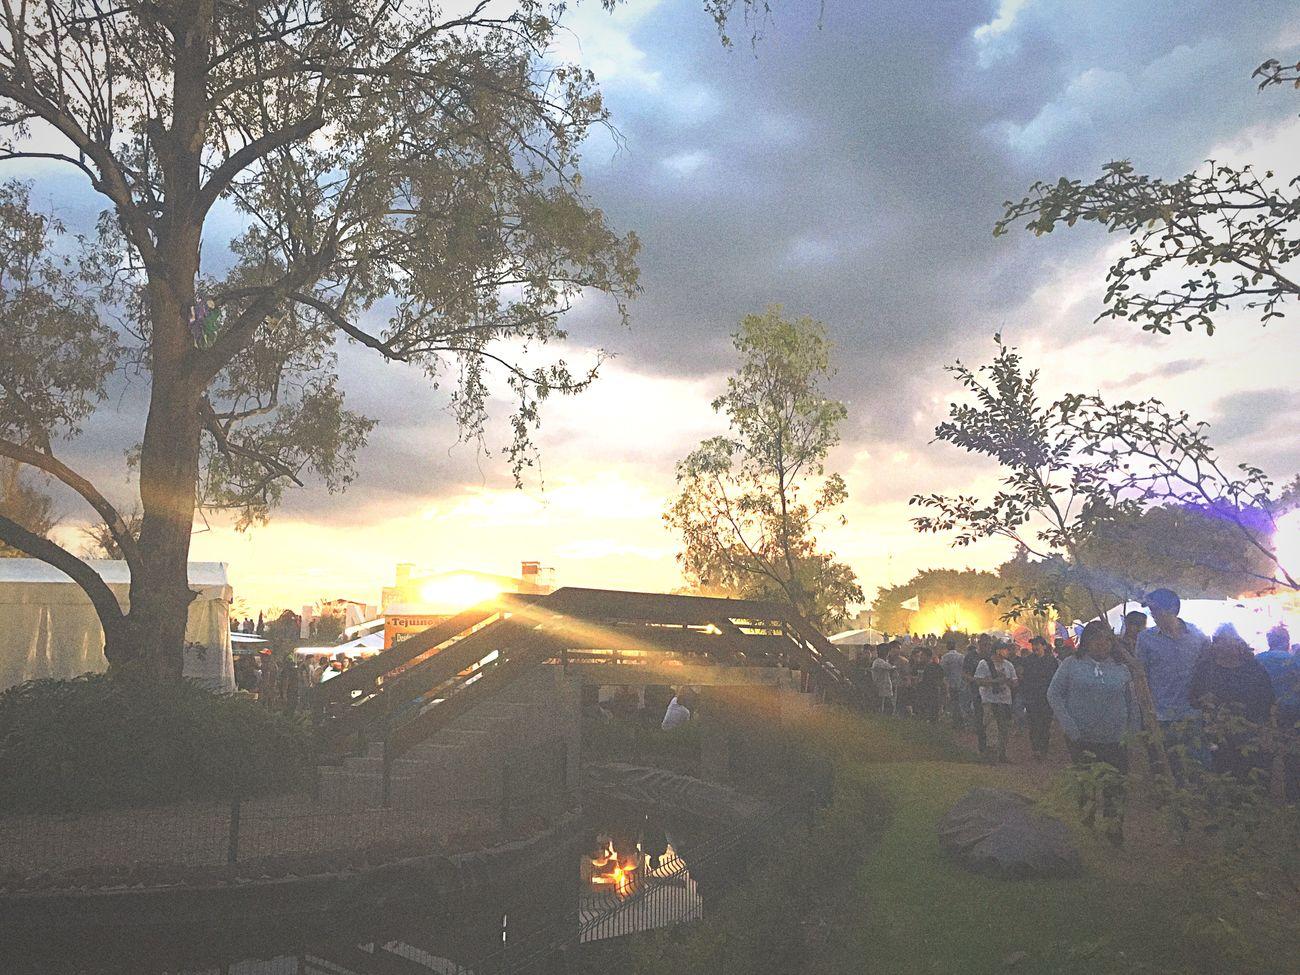 City Tree FreeTime People Sunset Cloud - Sky Large Group Of People Disfrutando De La Vida Concert Festival Festivalcoordenada